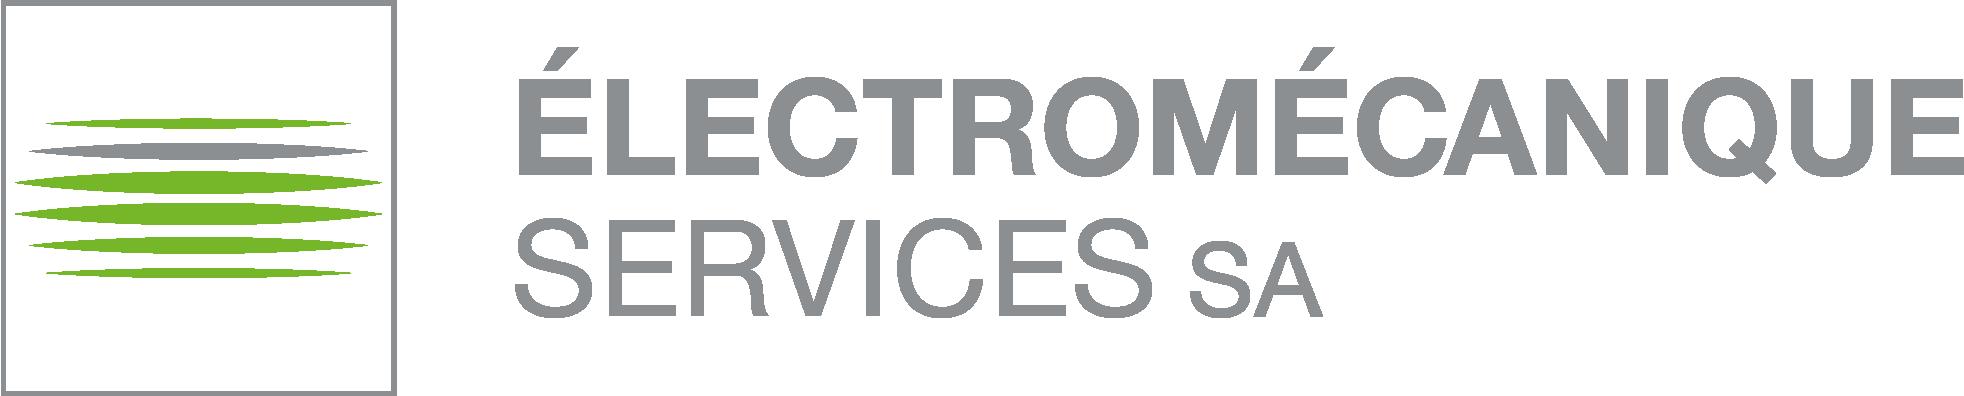 Electromecanique Services